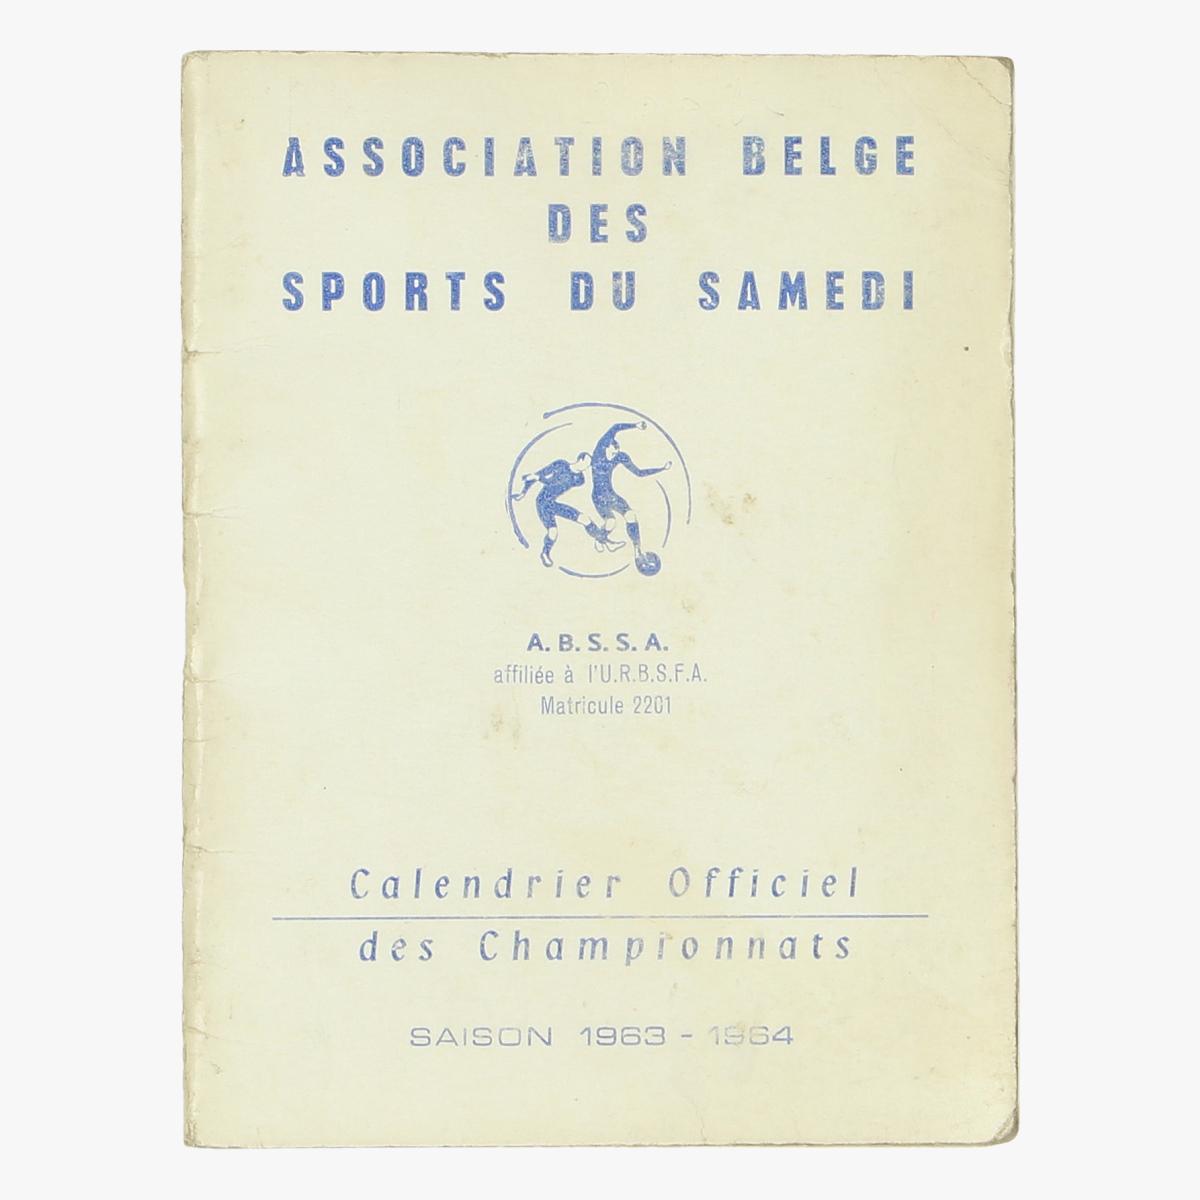 Afbeeldingen van A.B.S.S.A calendrier officiel des championnats 1963-1964